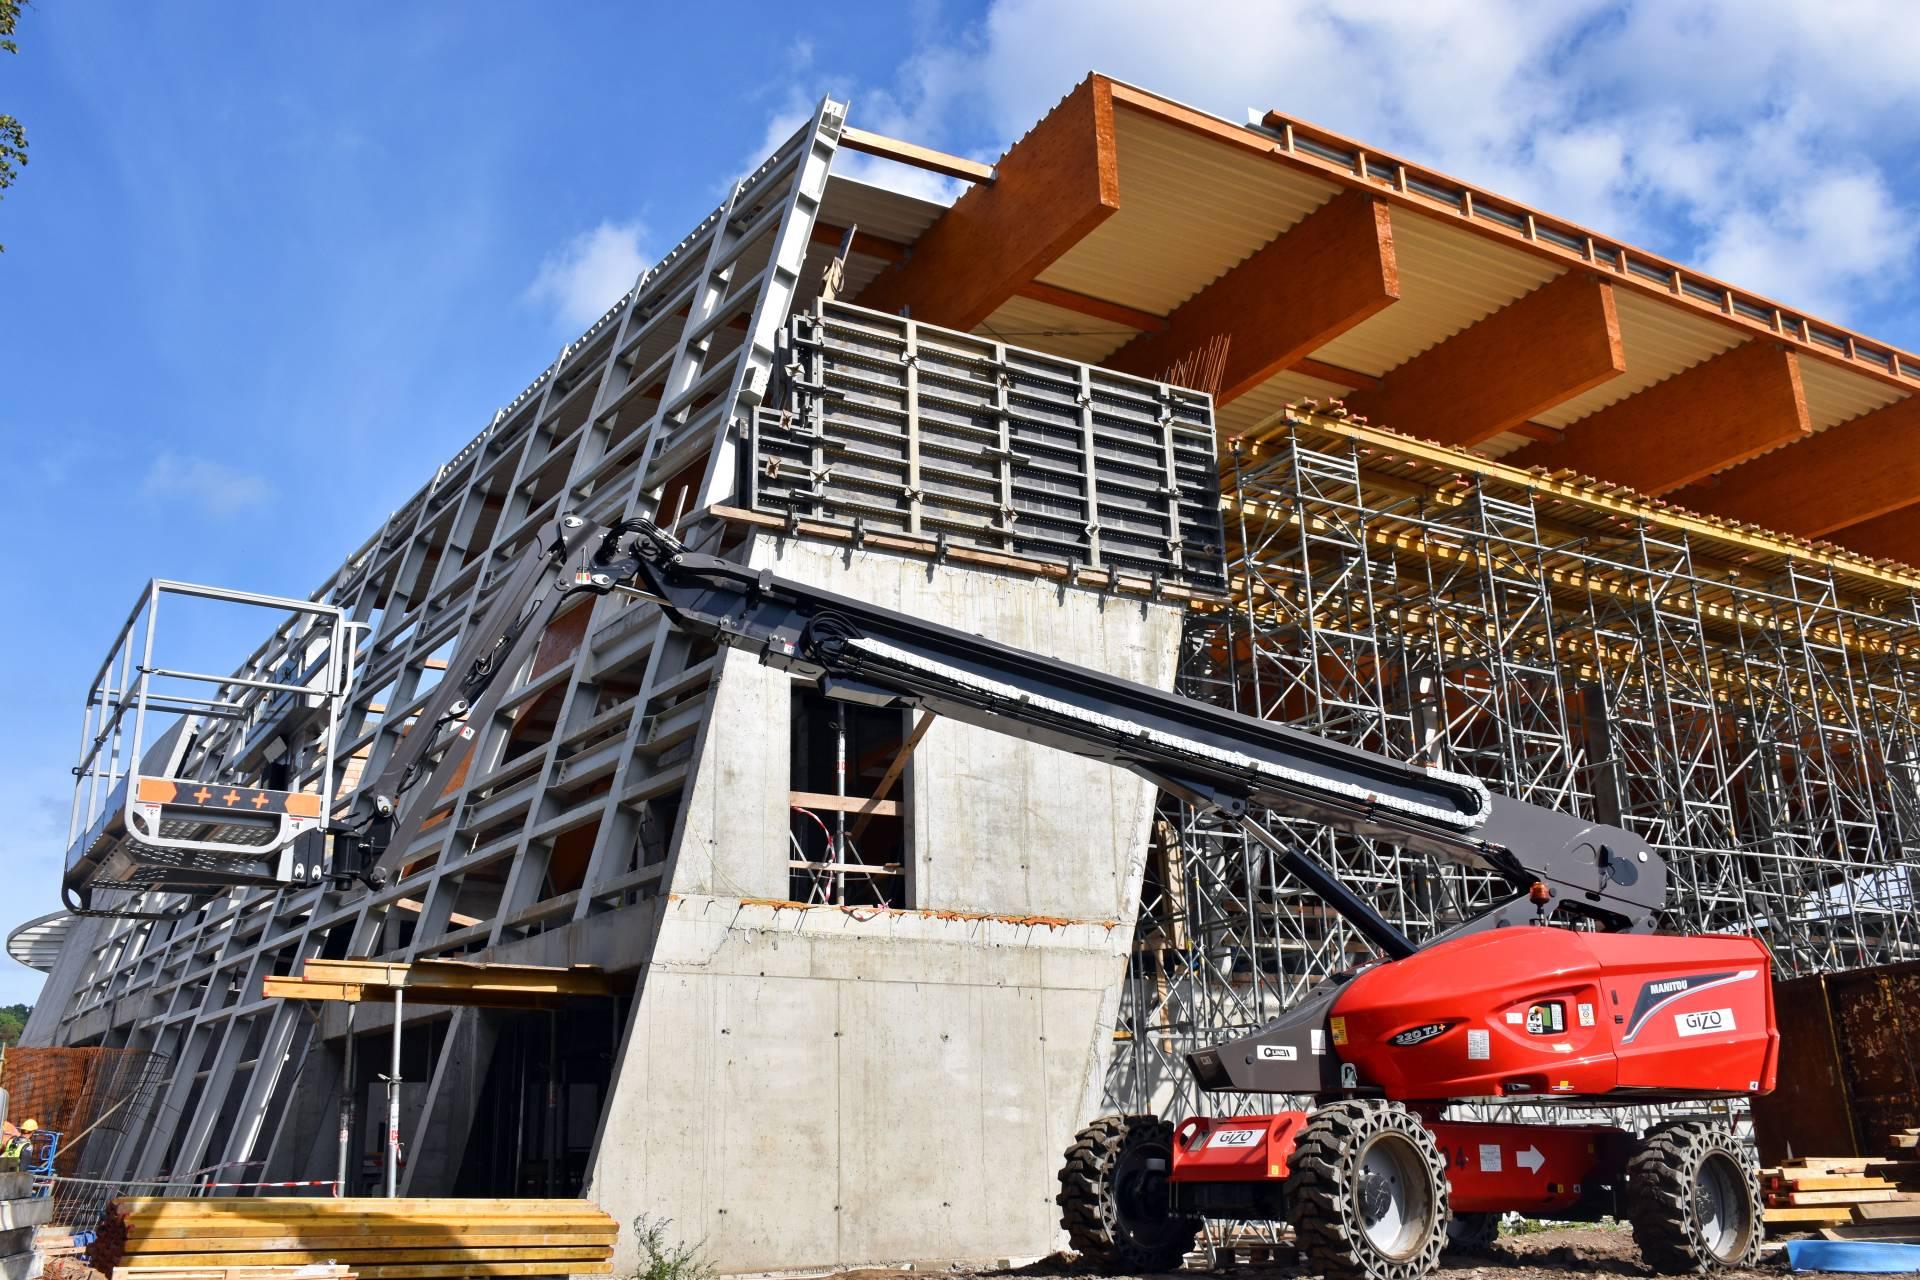 Budowa Fabryki Wody - Wrzesień 2021 (4)